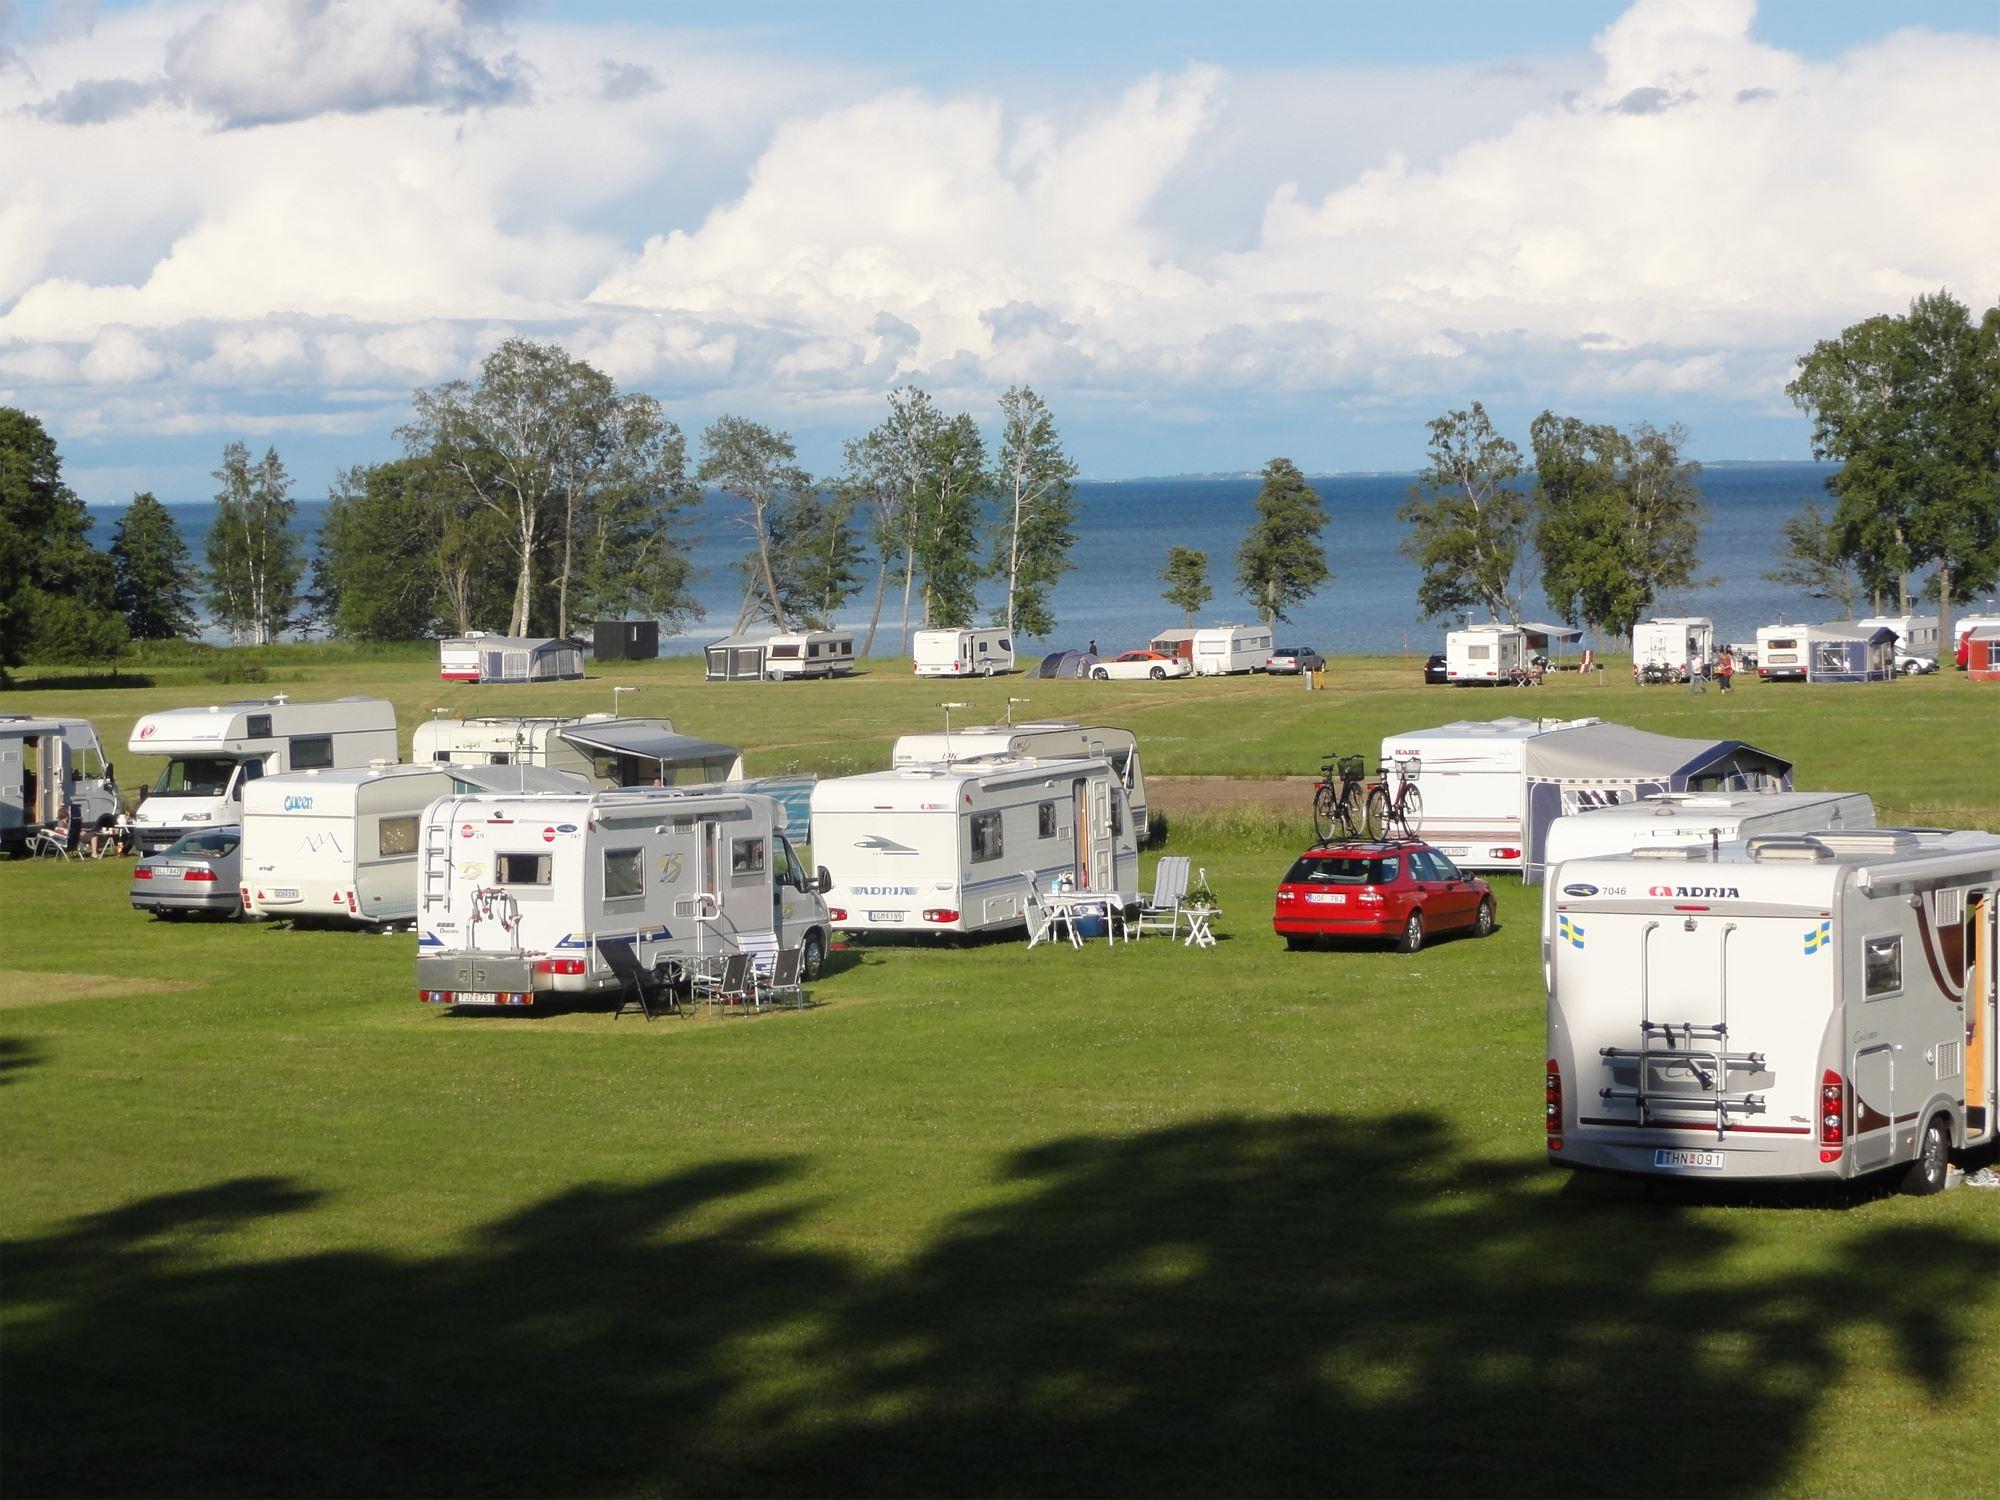 Breviks Camping / Camping